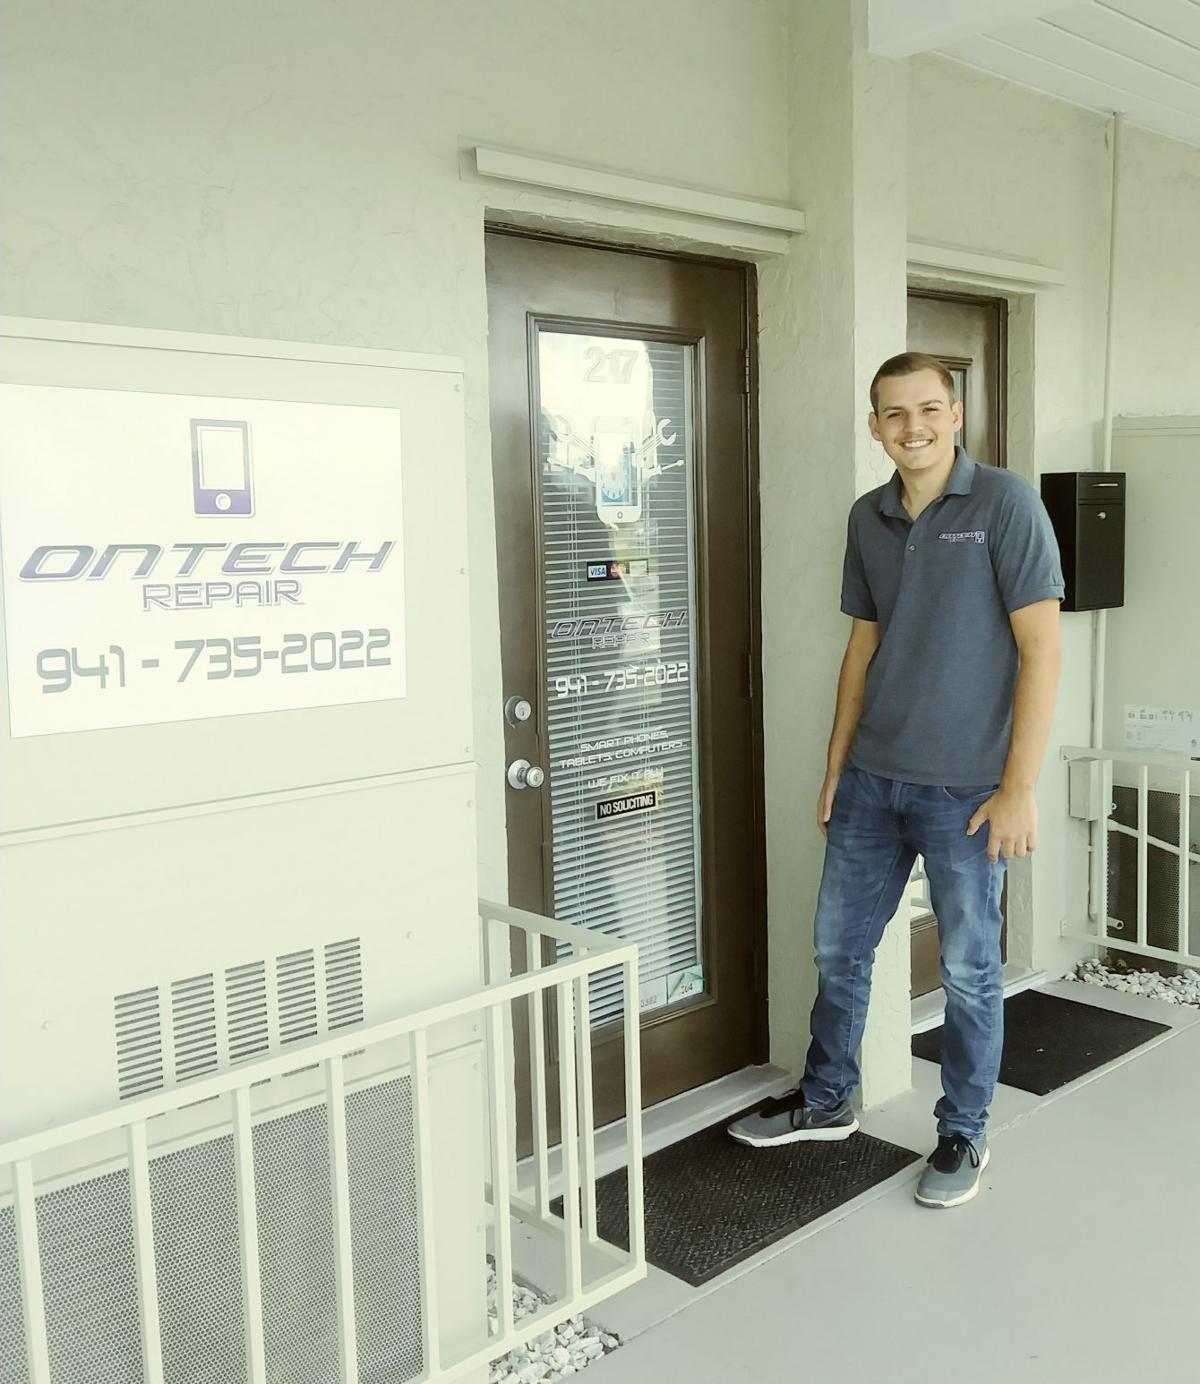 OnTech repair